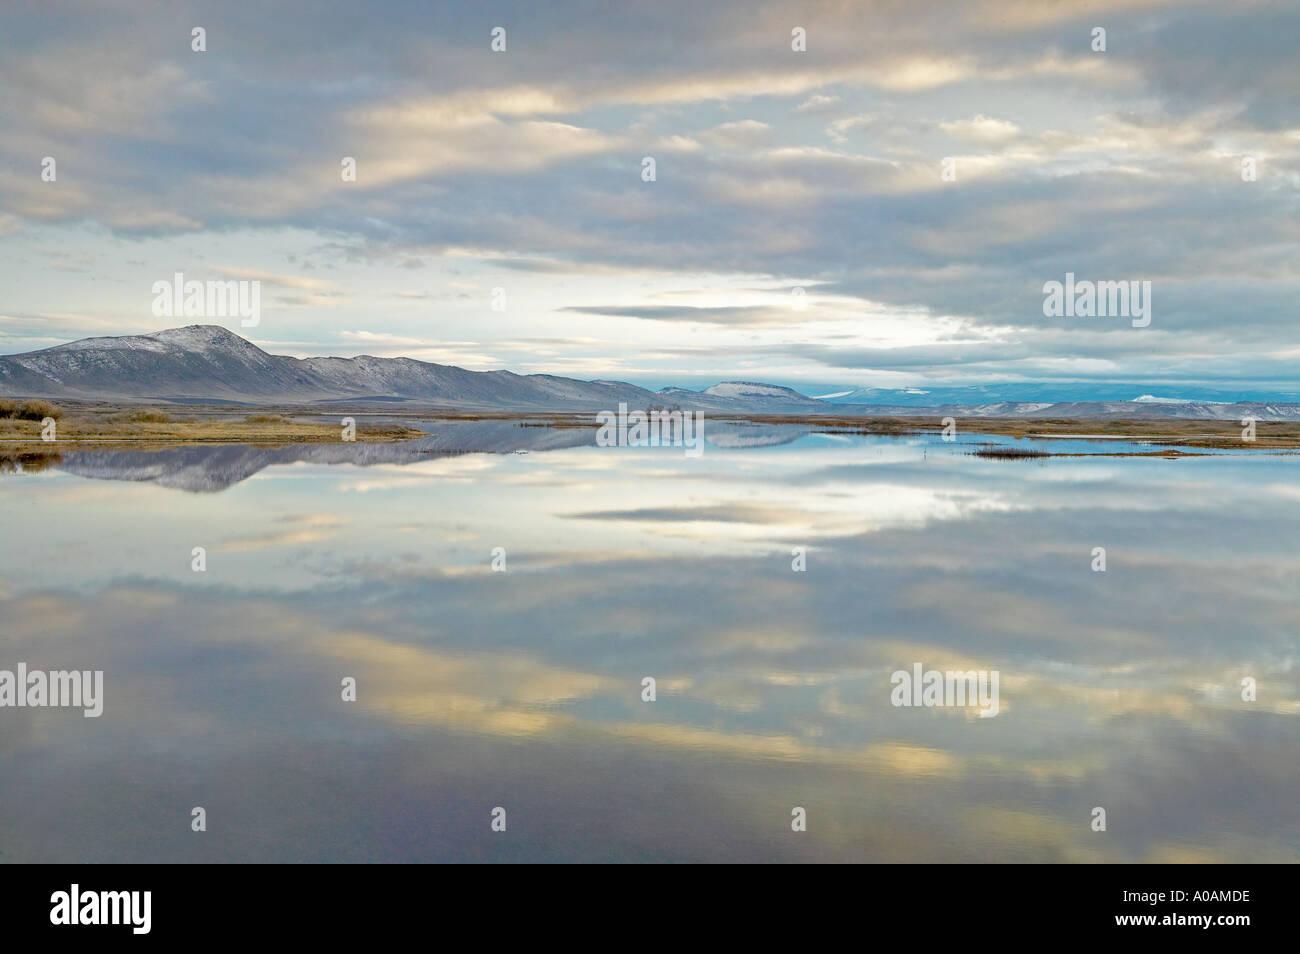 Reflection in Lower Klamath Lake National Wildlife Refuge California - Stock Image